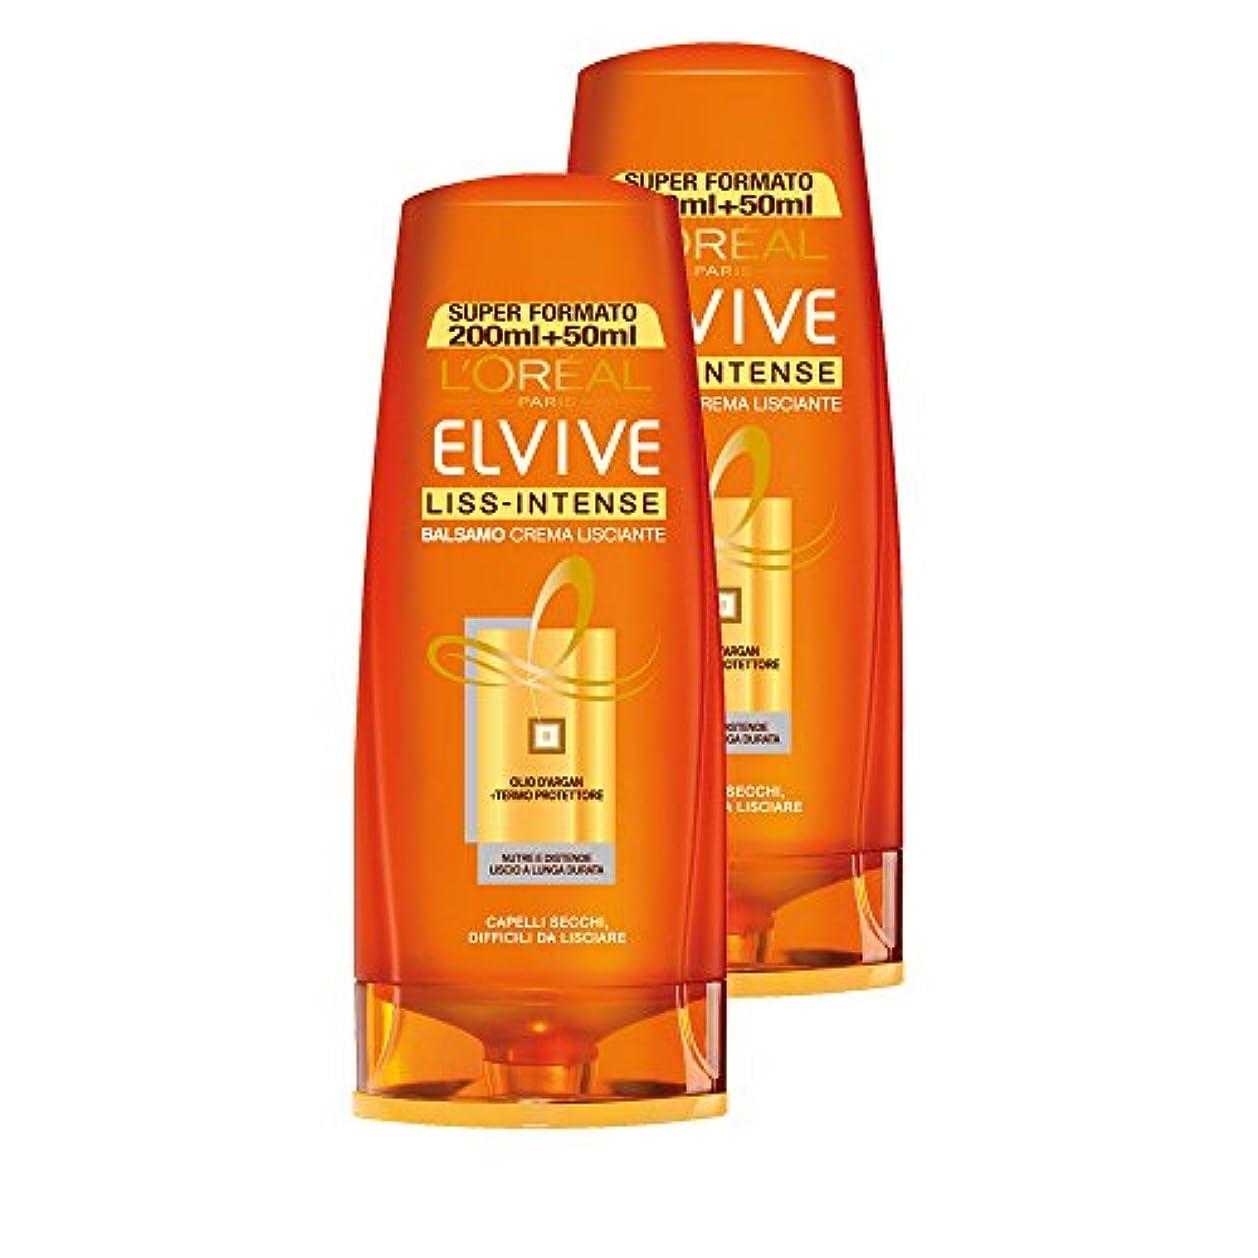 汚染する一生全能L 'OréalParis Elvive LISS-INTENSEバームクリームヘアサロン乾燥、なめらかにするのが難しい、3パック2 x 250 ml、合計:1500 ml